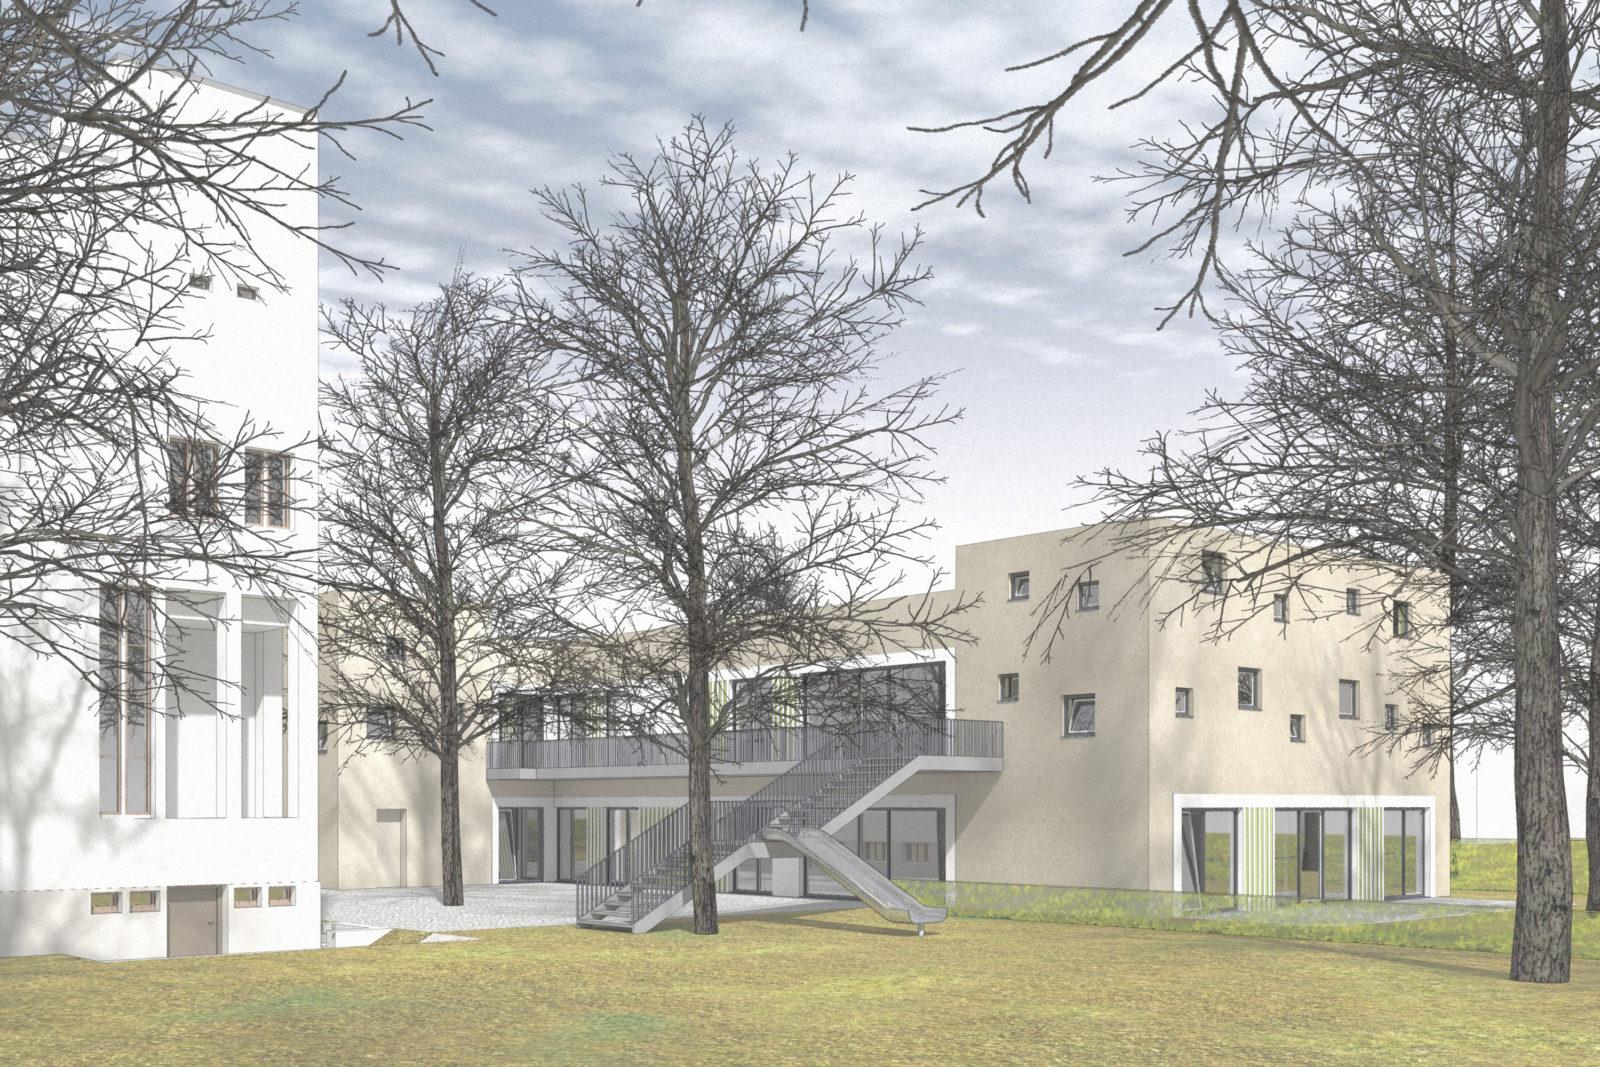 Neubau Kita Versöhnungskirche in Leipzig, Gohlis - Blick auf den Hinterhof